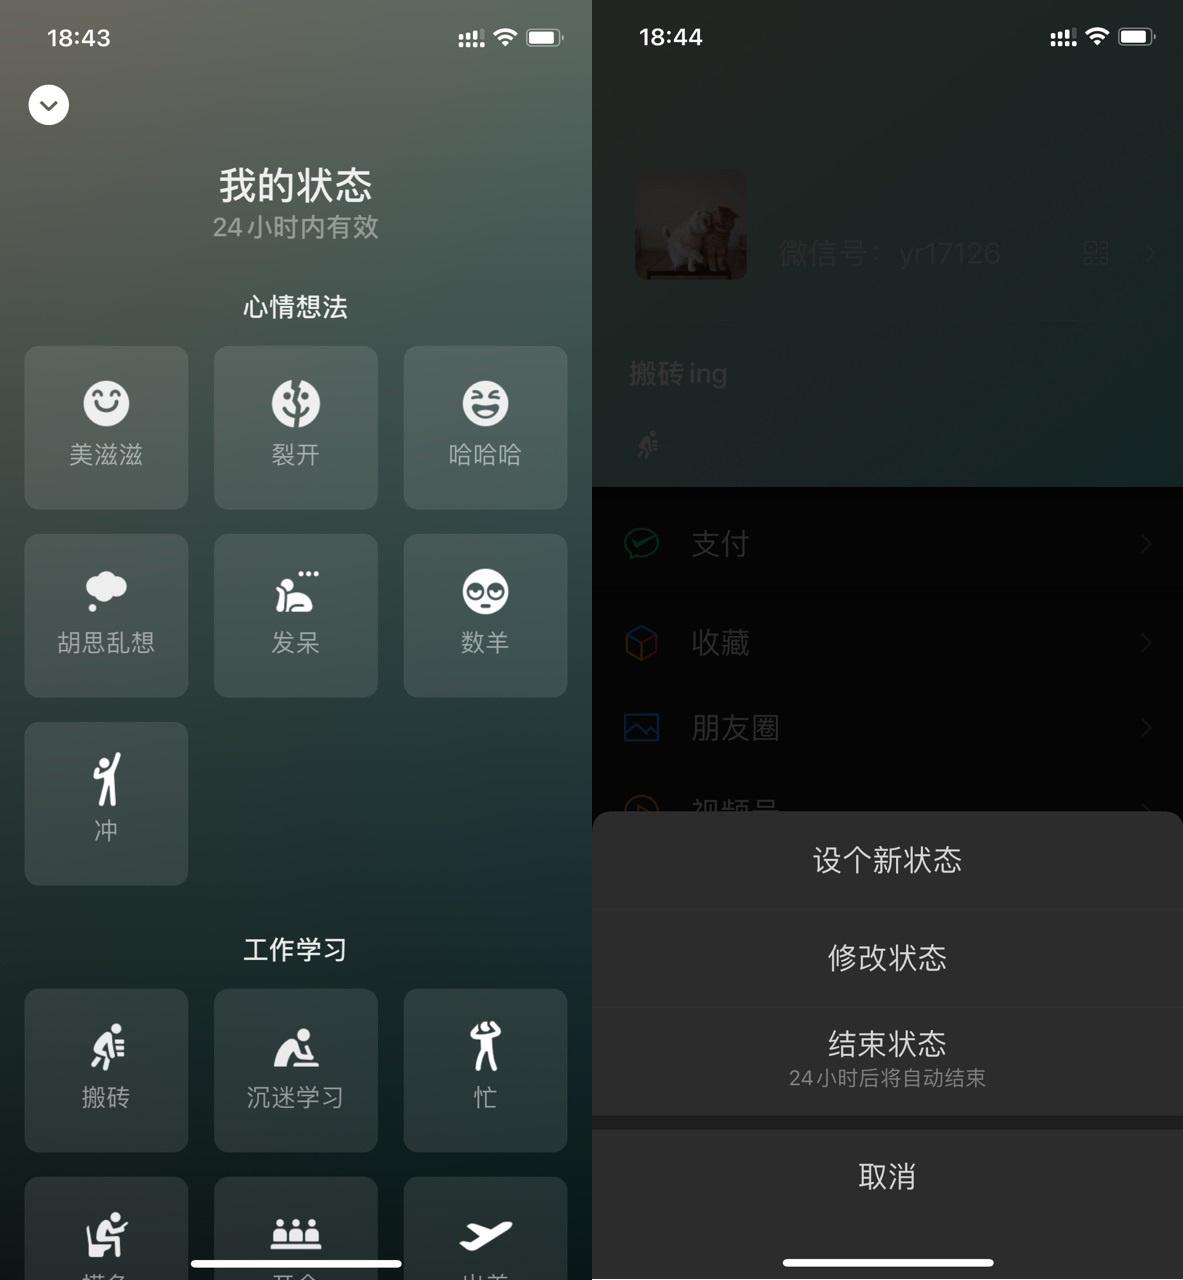 微信 iOS 8.0.6 正式版发布,我们帮你找到了这些新变化